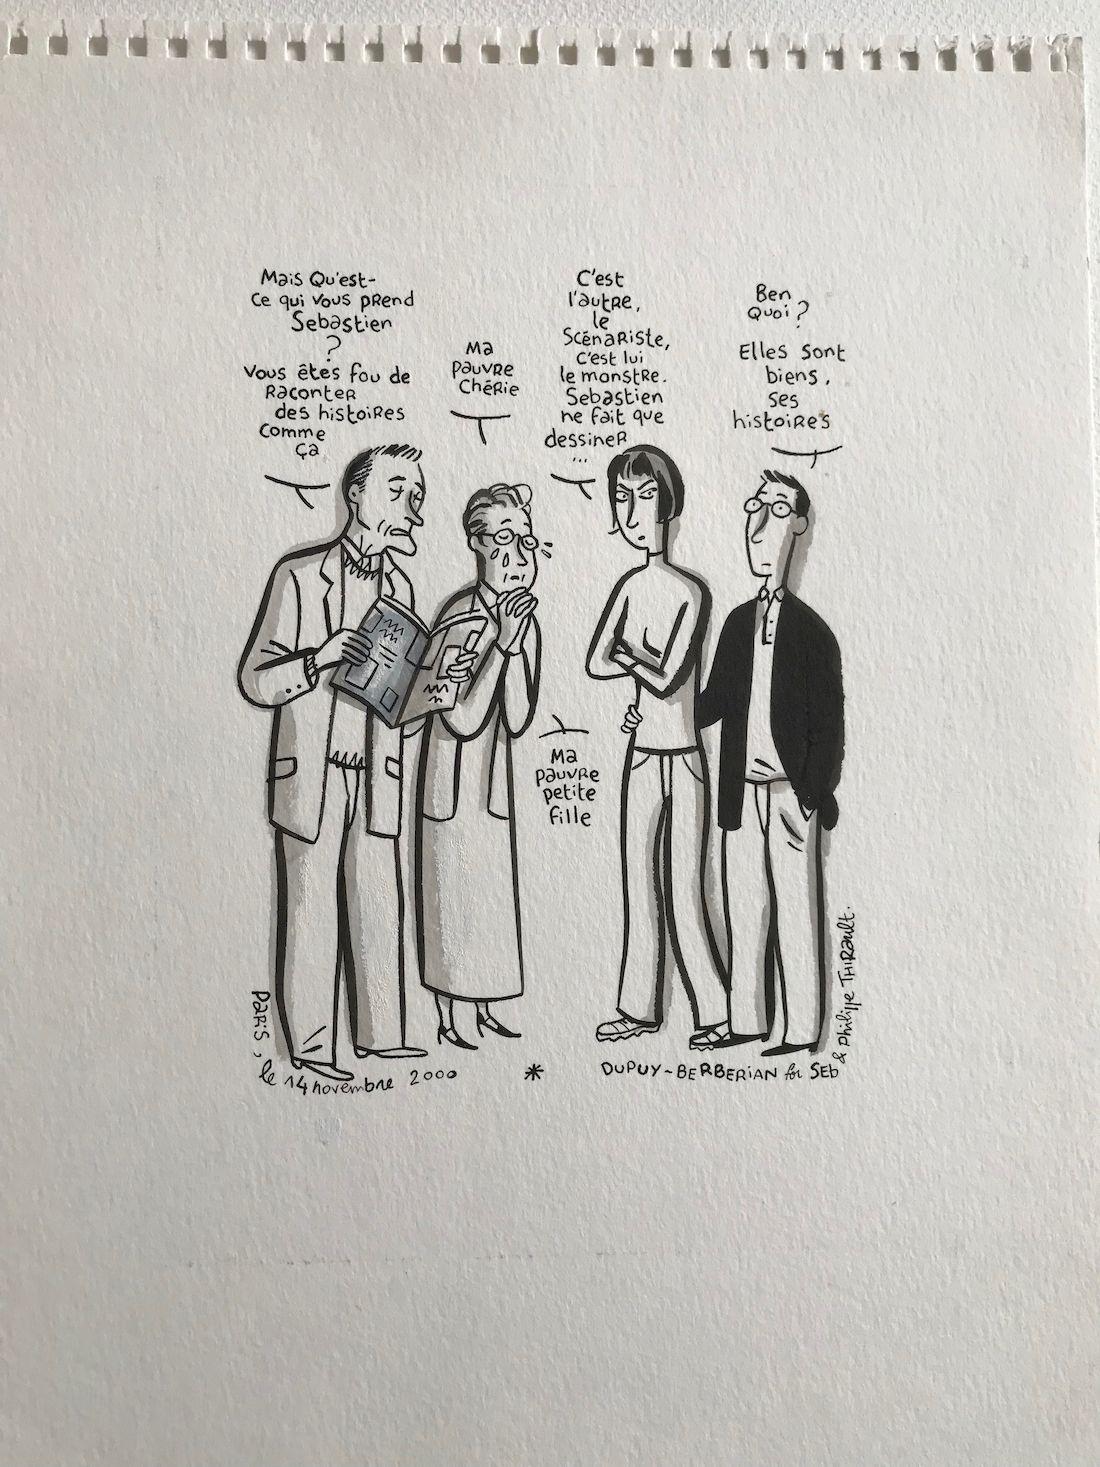 30 ans d'édition, par Sébastien Gnaedig, Chapitre 21 : mes voisins sont formidables © Brberian